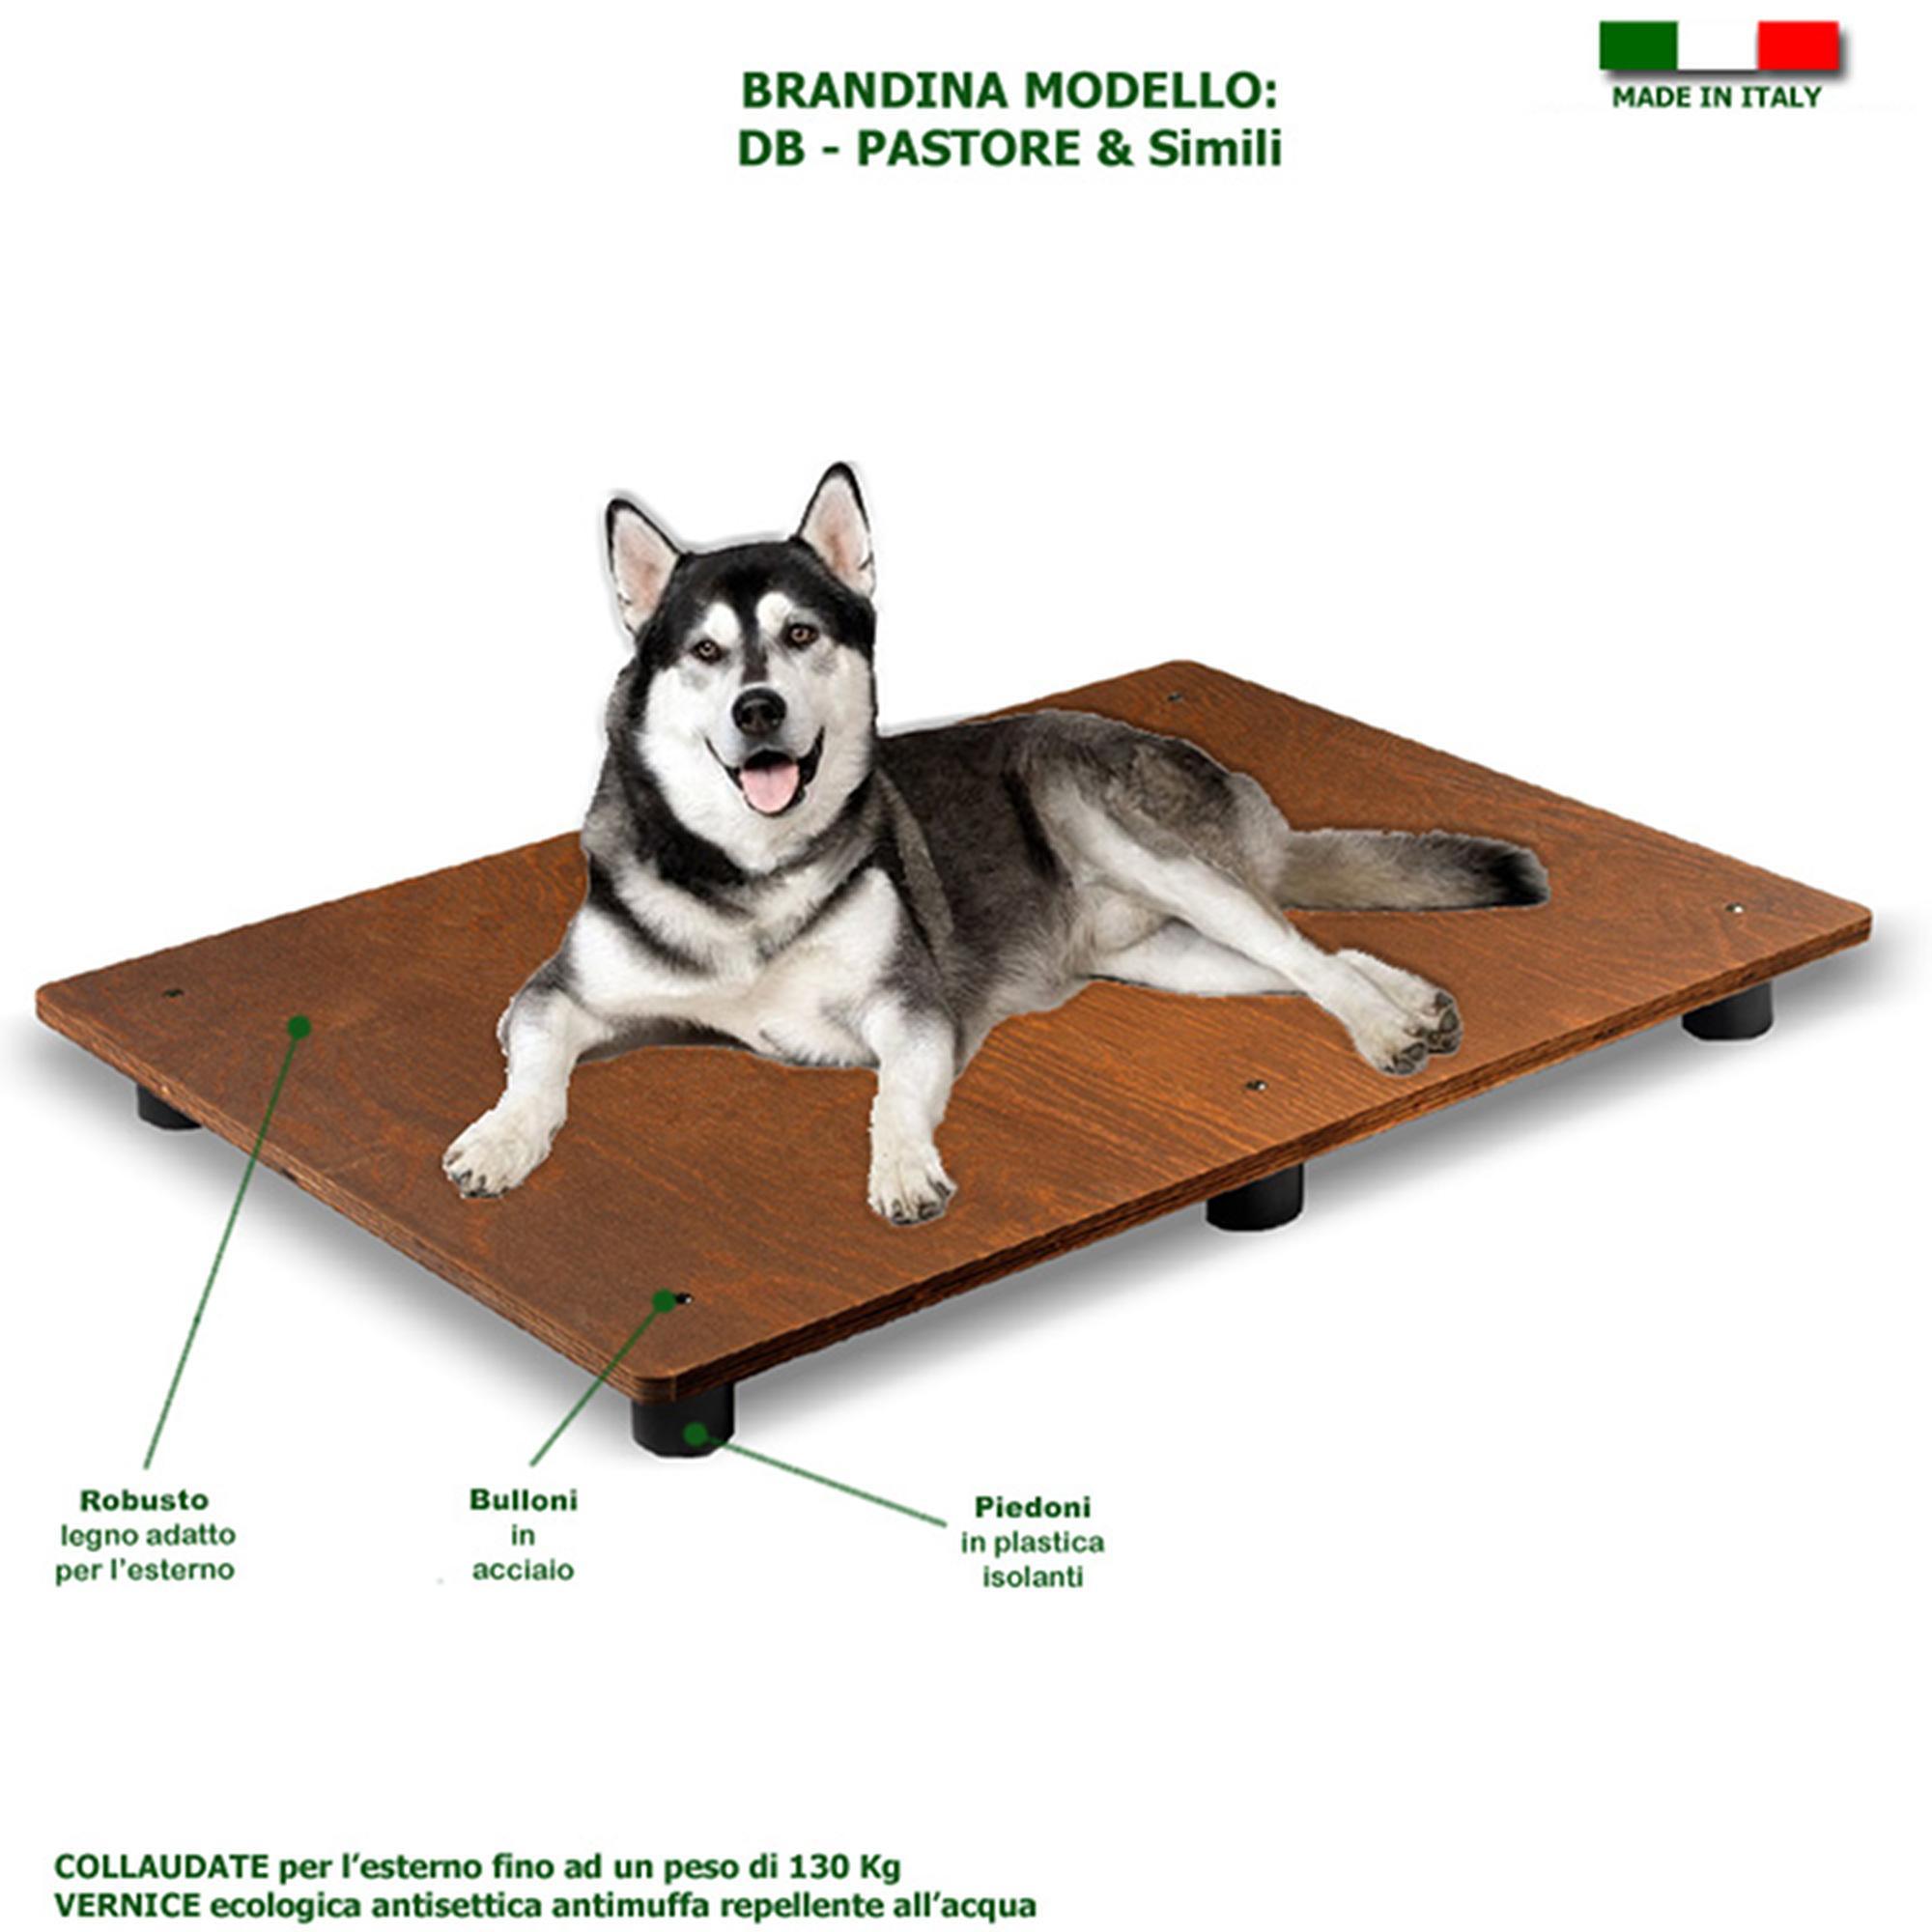 Pedane In Plastica Per Cani.Brandine Per Cani In Legno 115x80x2xh10 Per Cane Alano E Simili